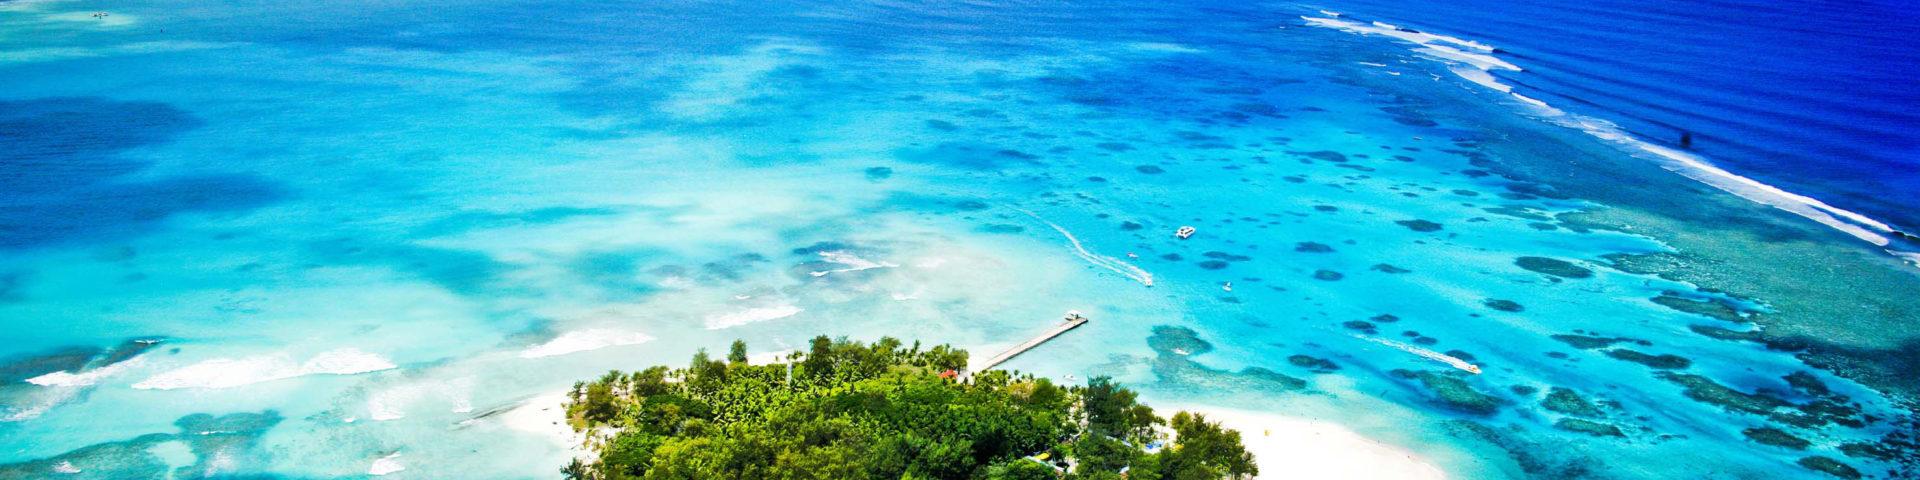 7 идиллических островов в южной части Тихого океана